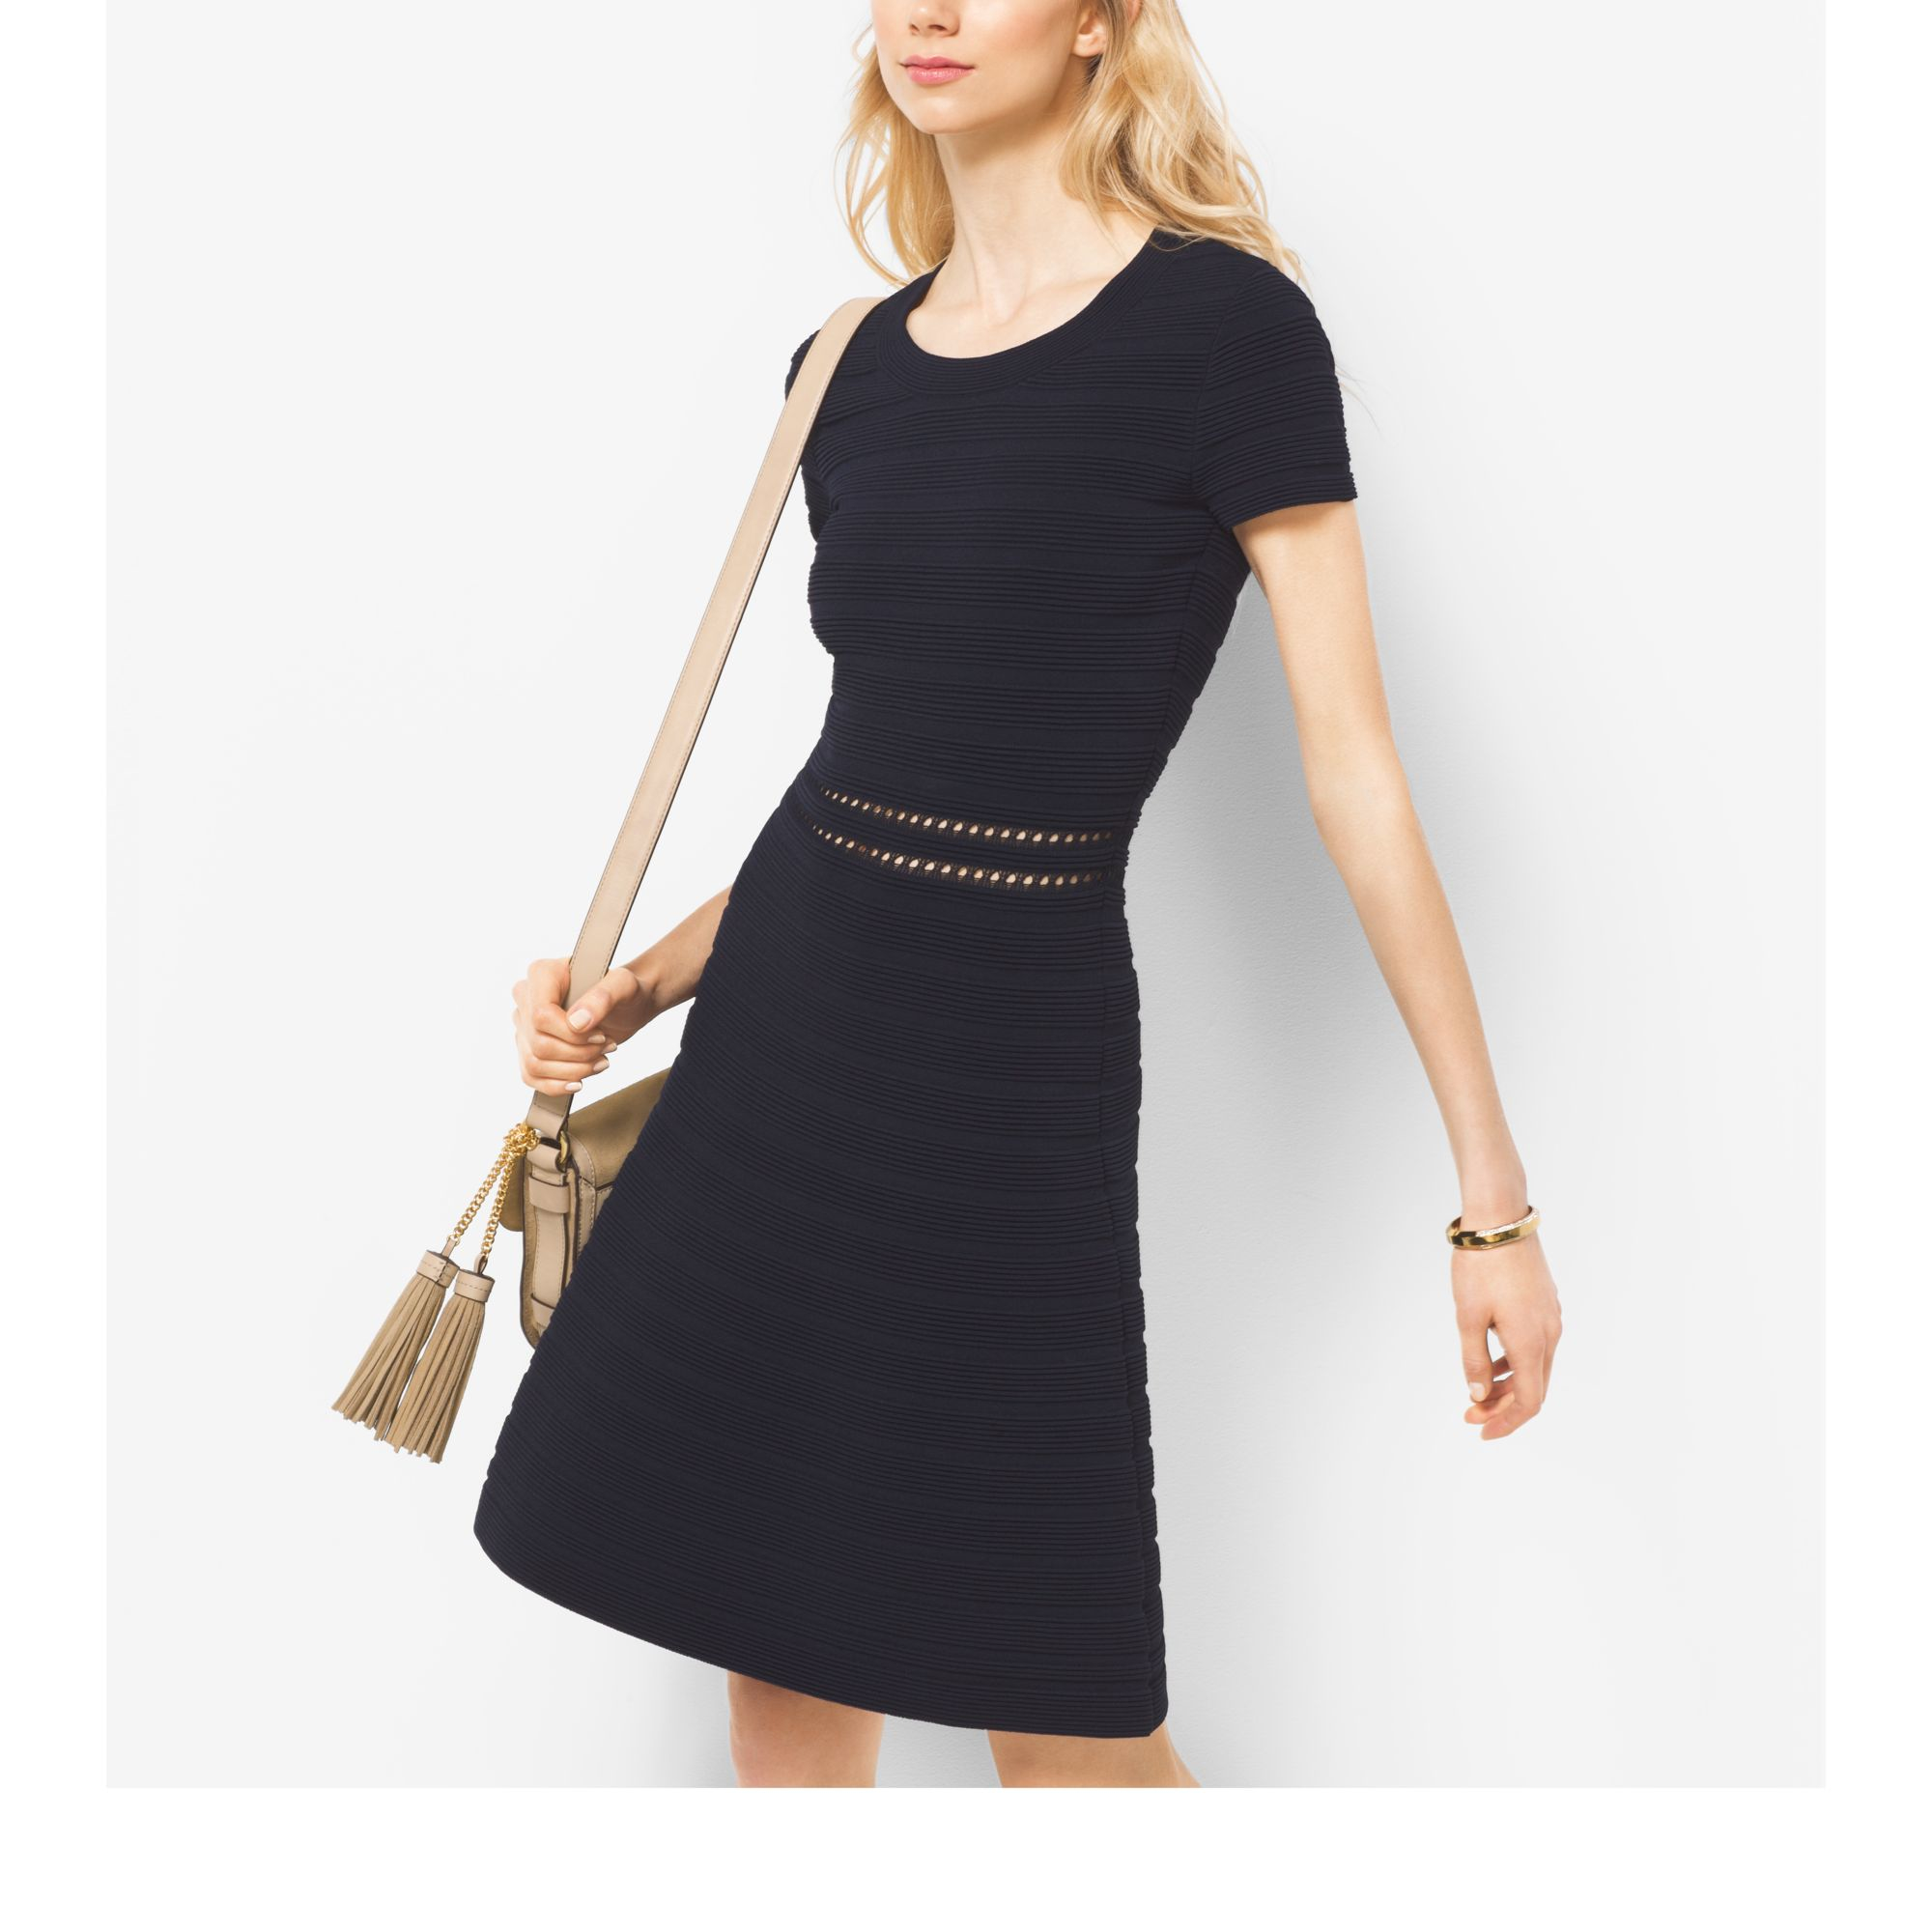 0261438176 Michael Kors Rib-knit Crewneck Dress in Black - Lyst